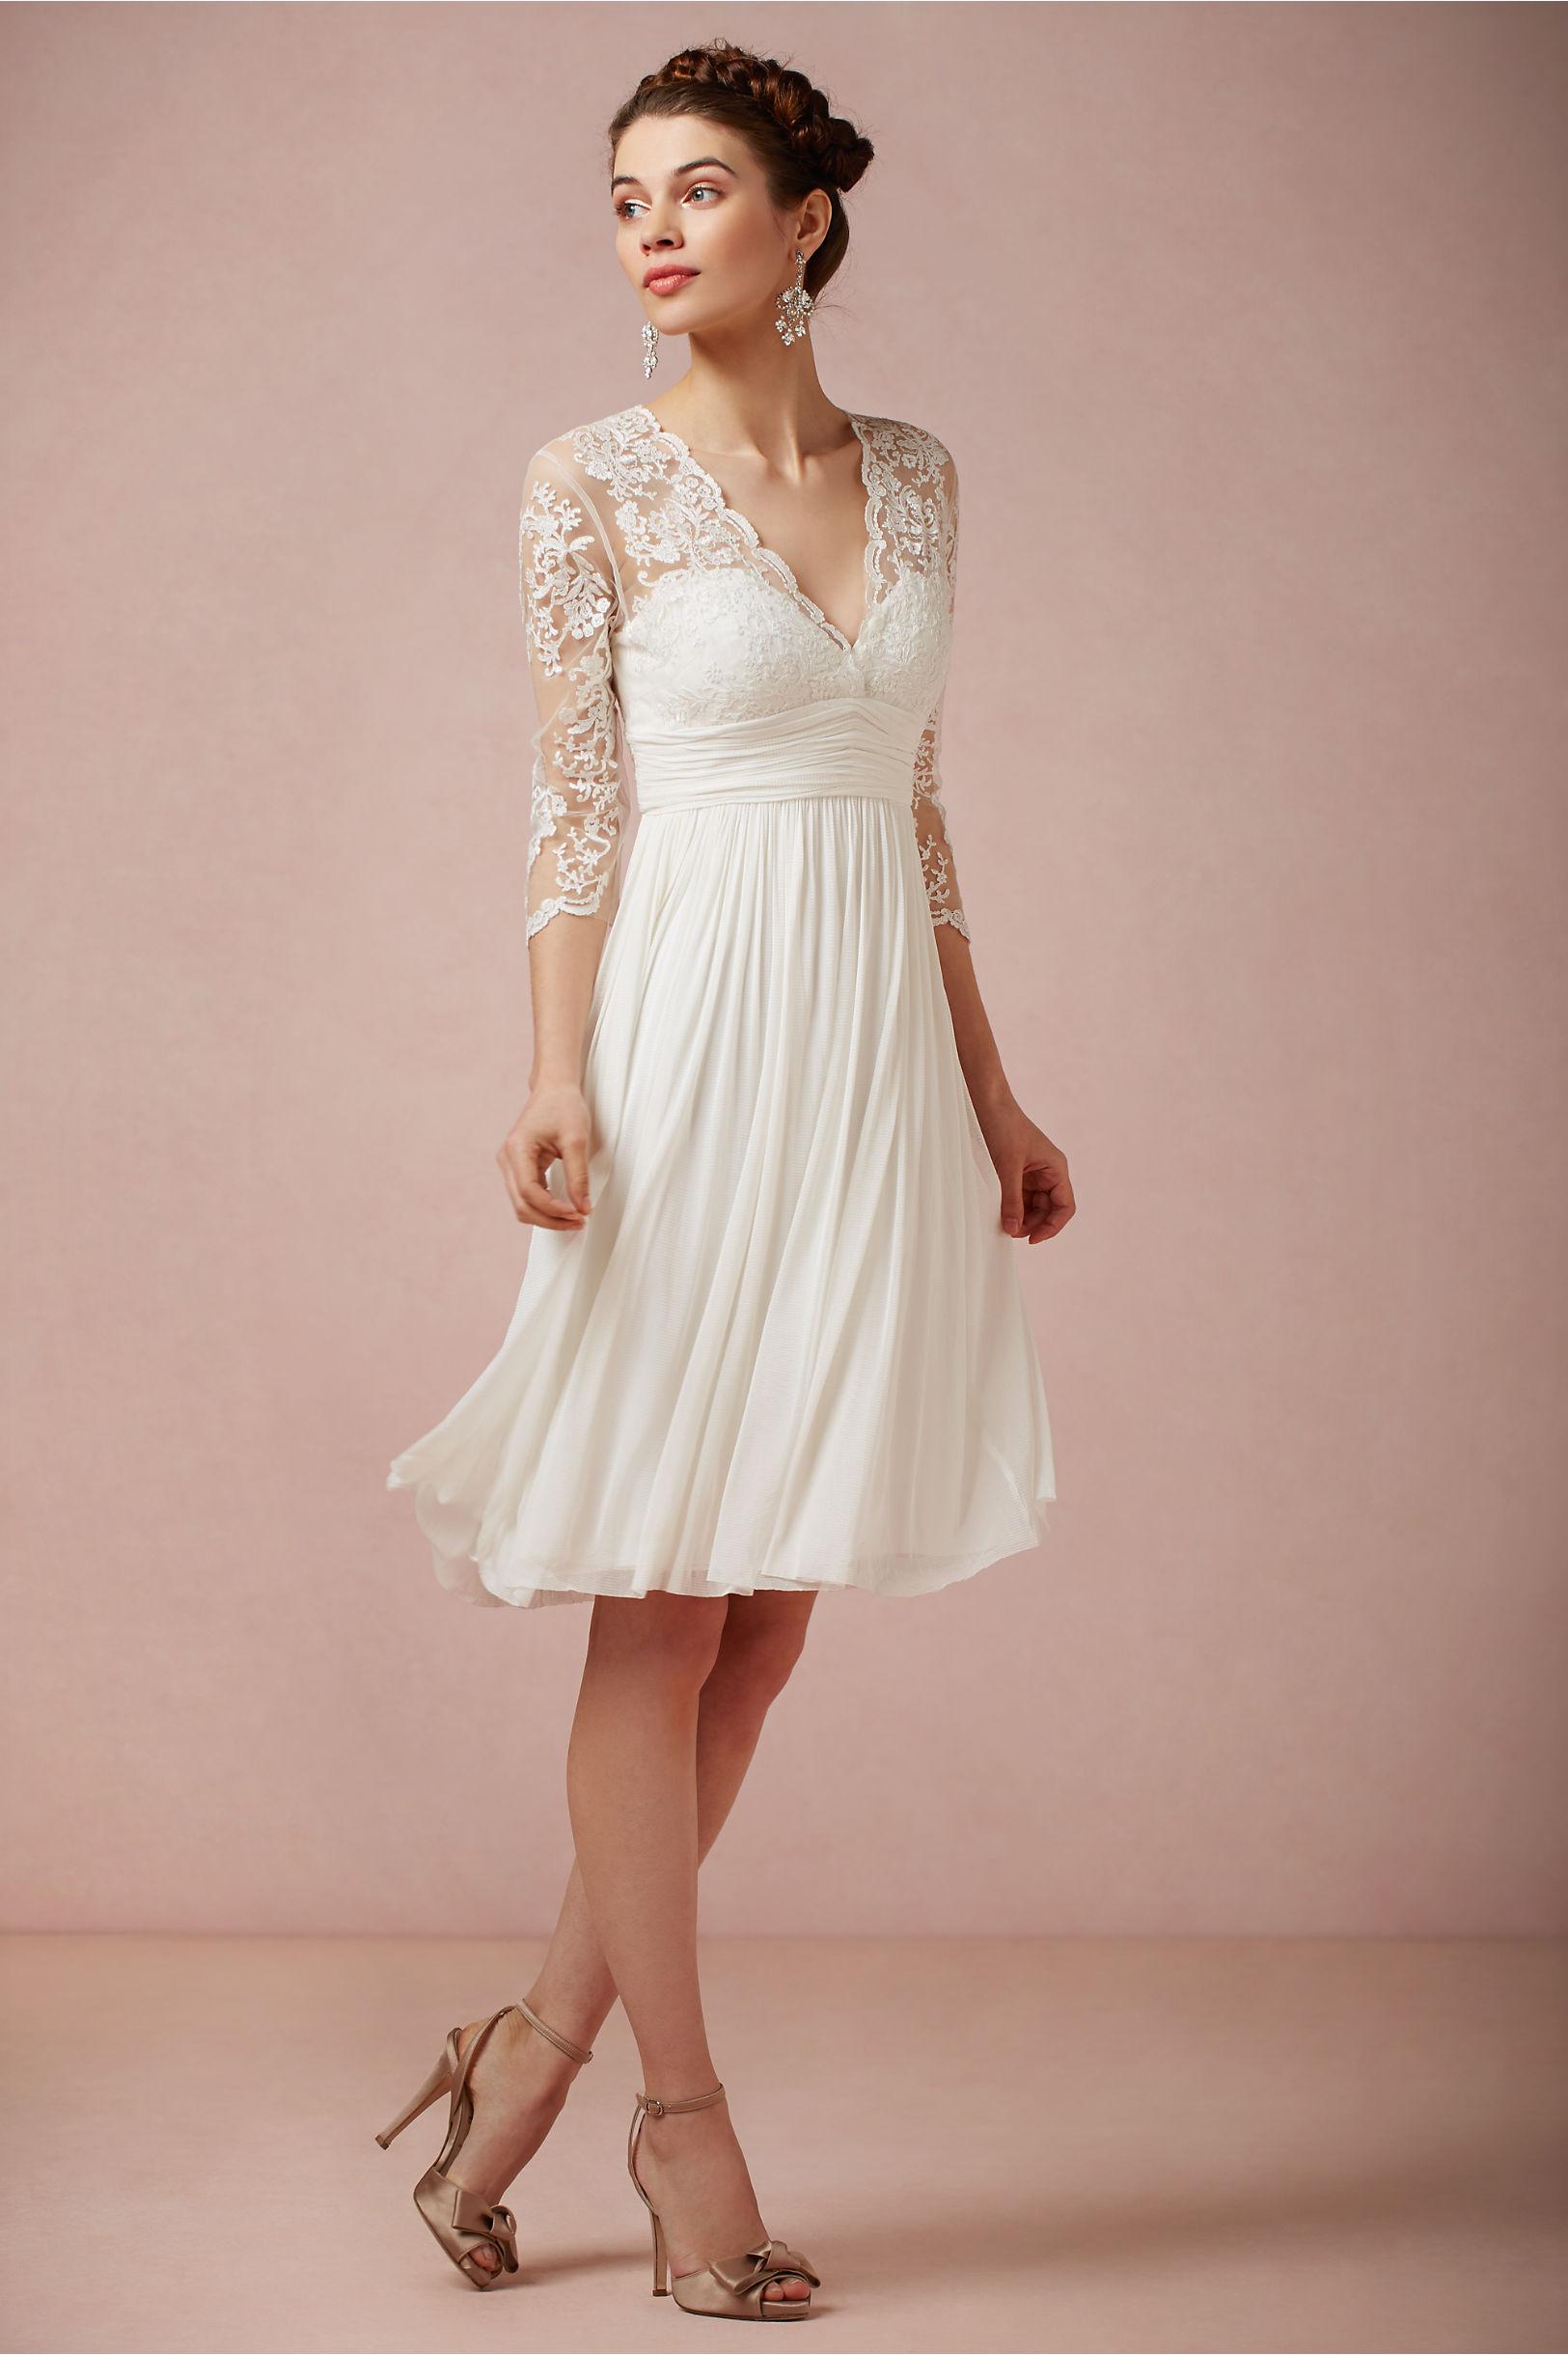 Asombroso Vestido De Novia De La Princesa Charlene Modelo ...